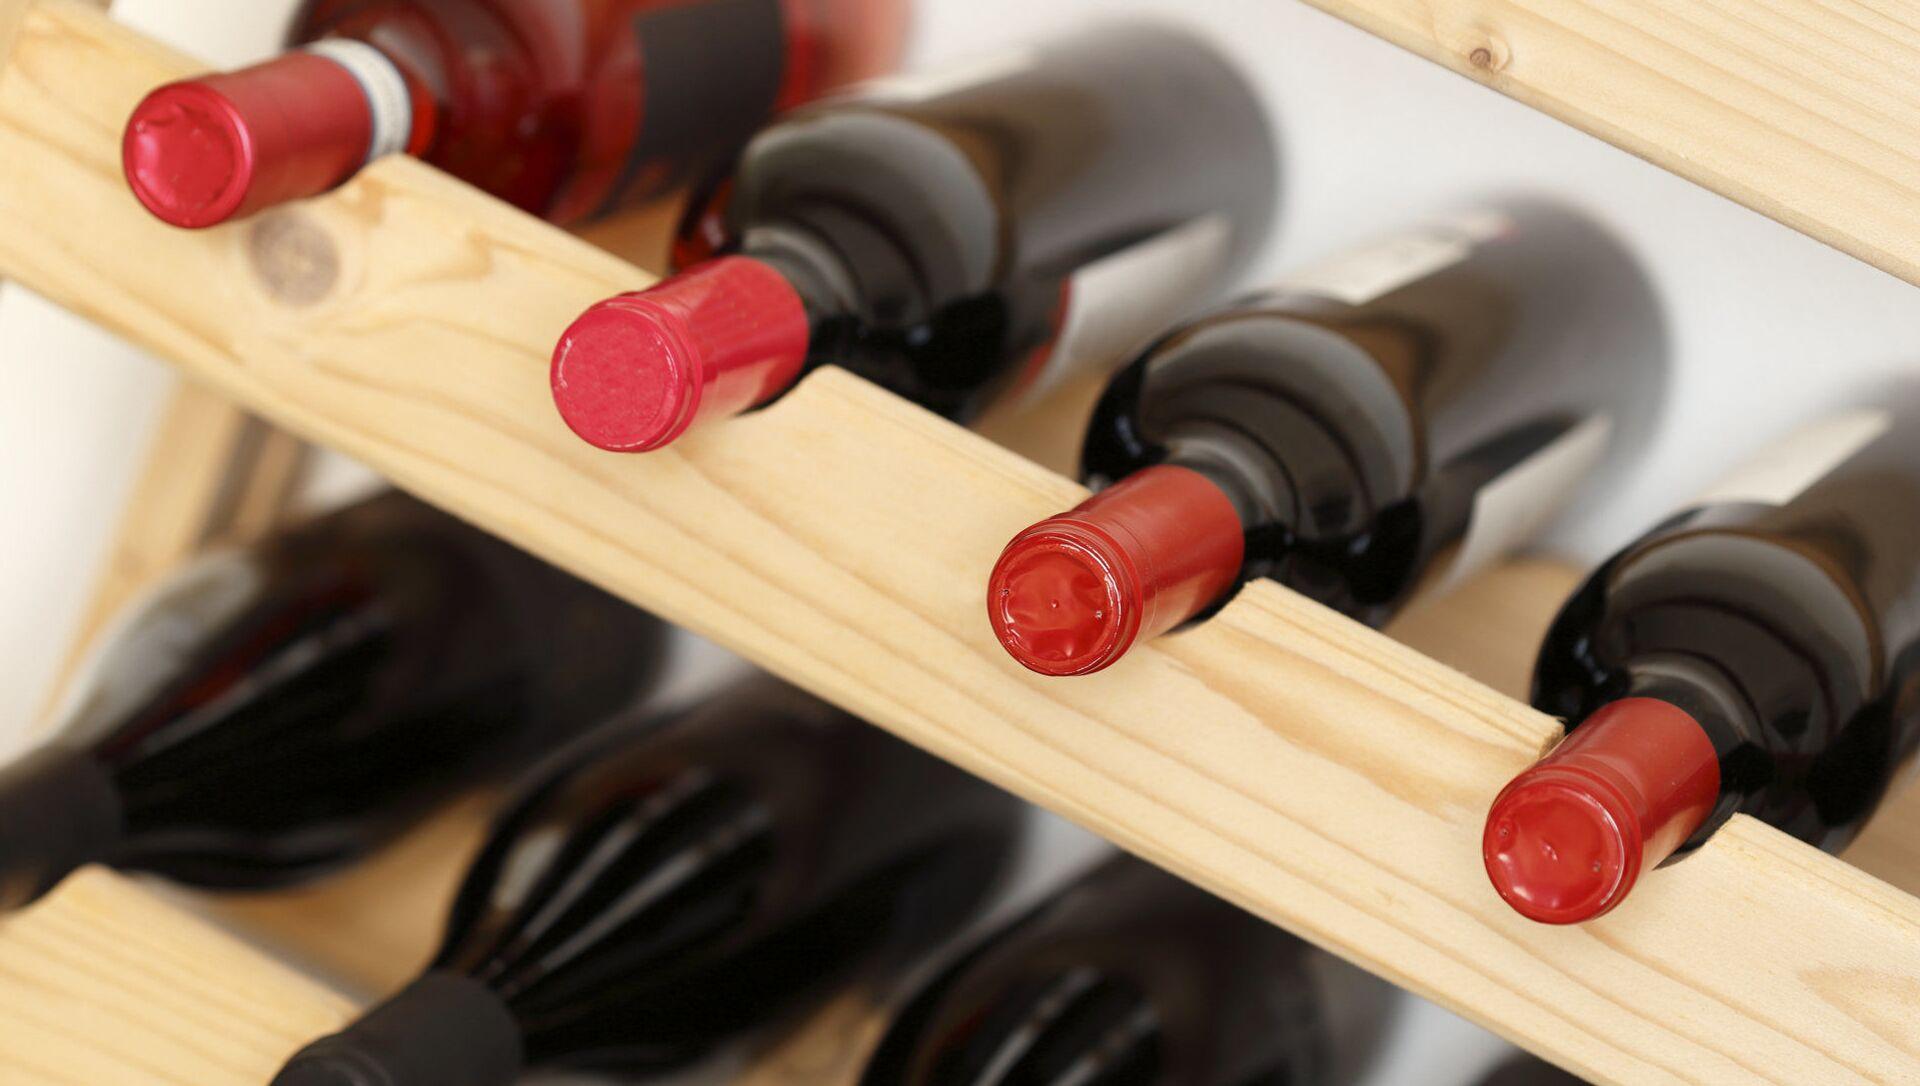 Bottiglie di vino - Sputnik Italia, 1920, 15.04.2021